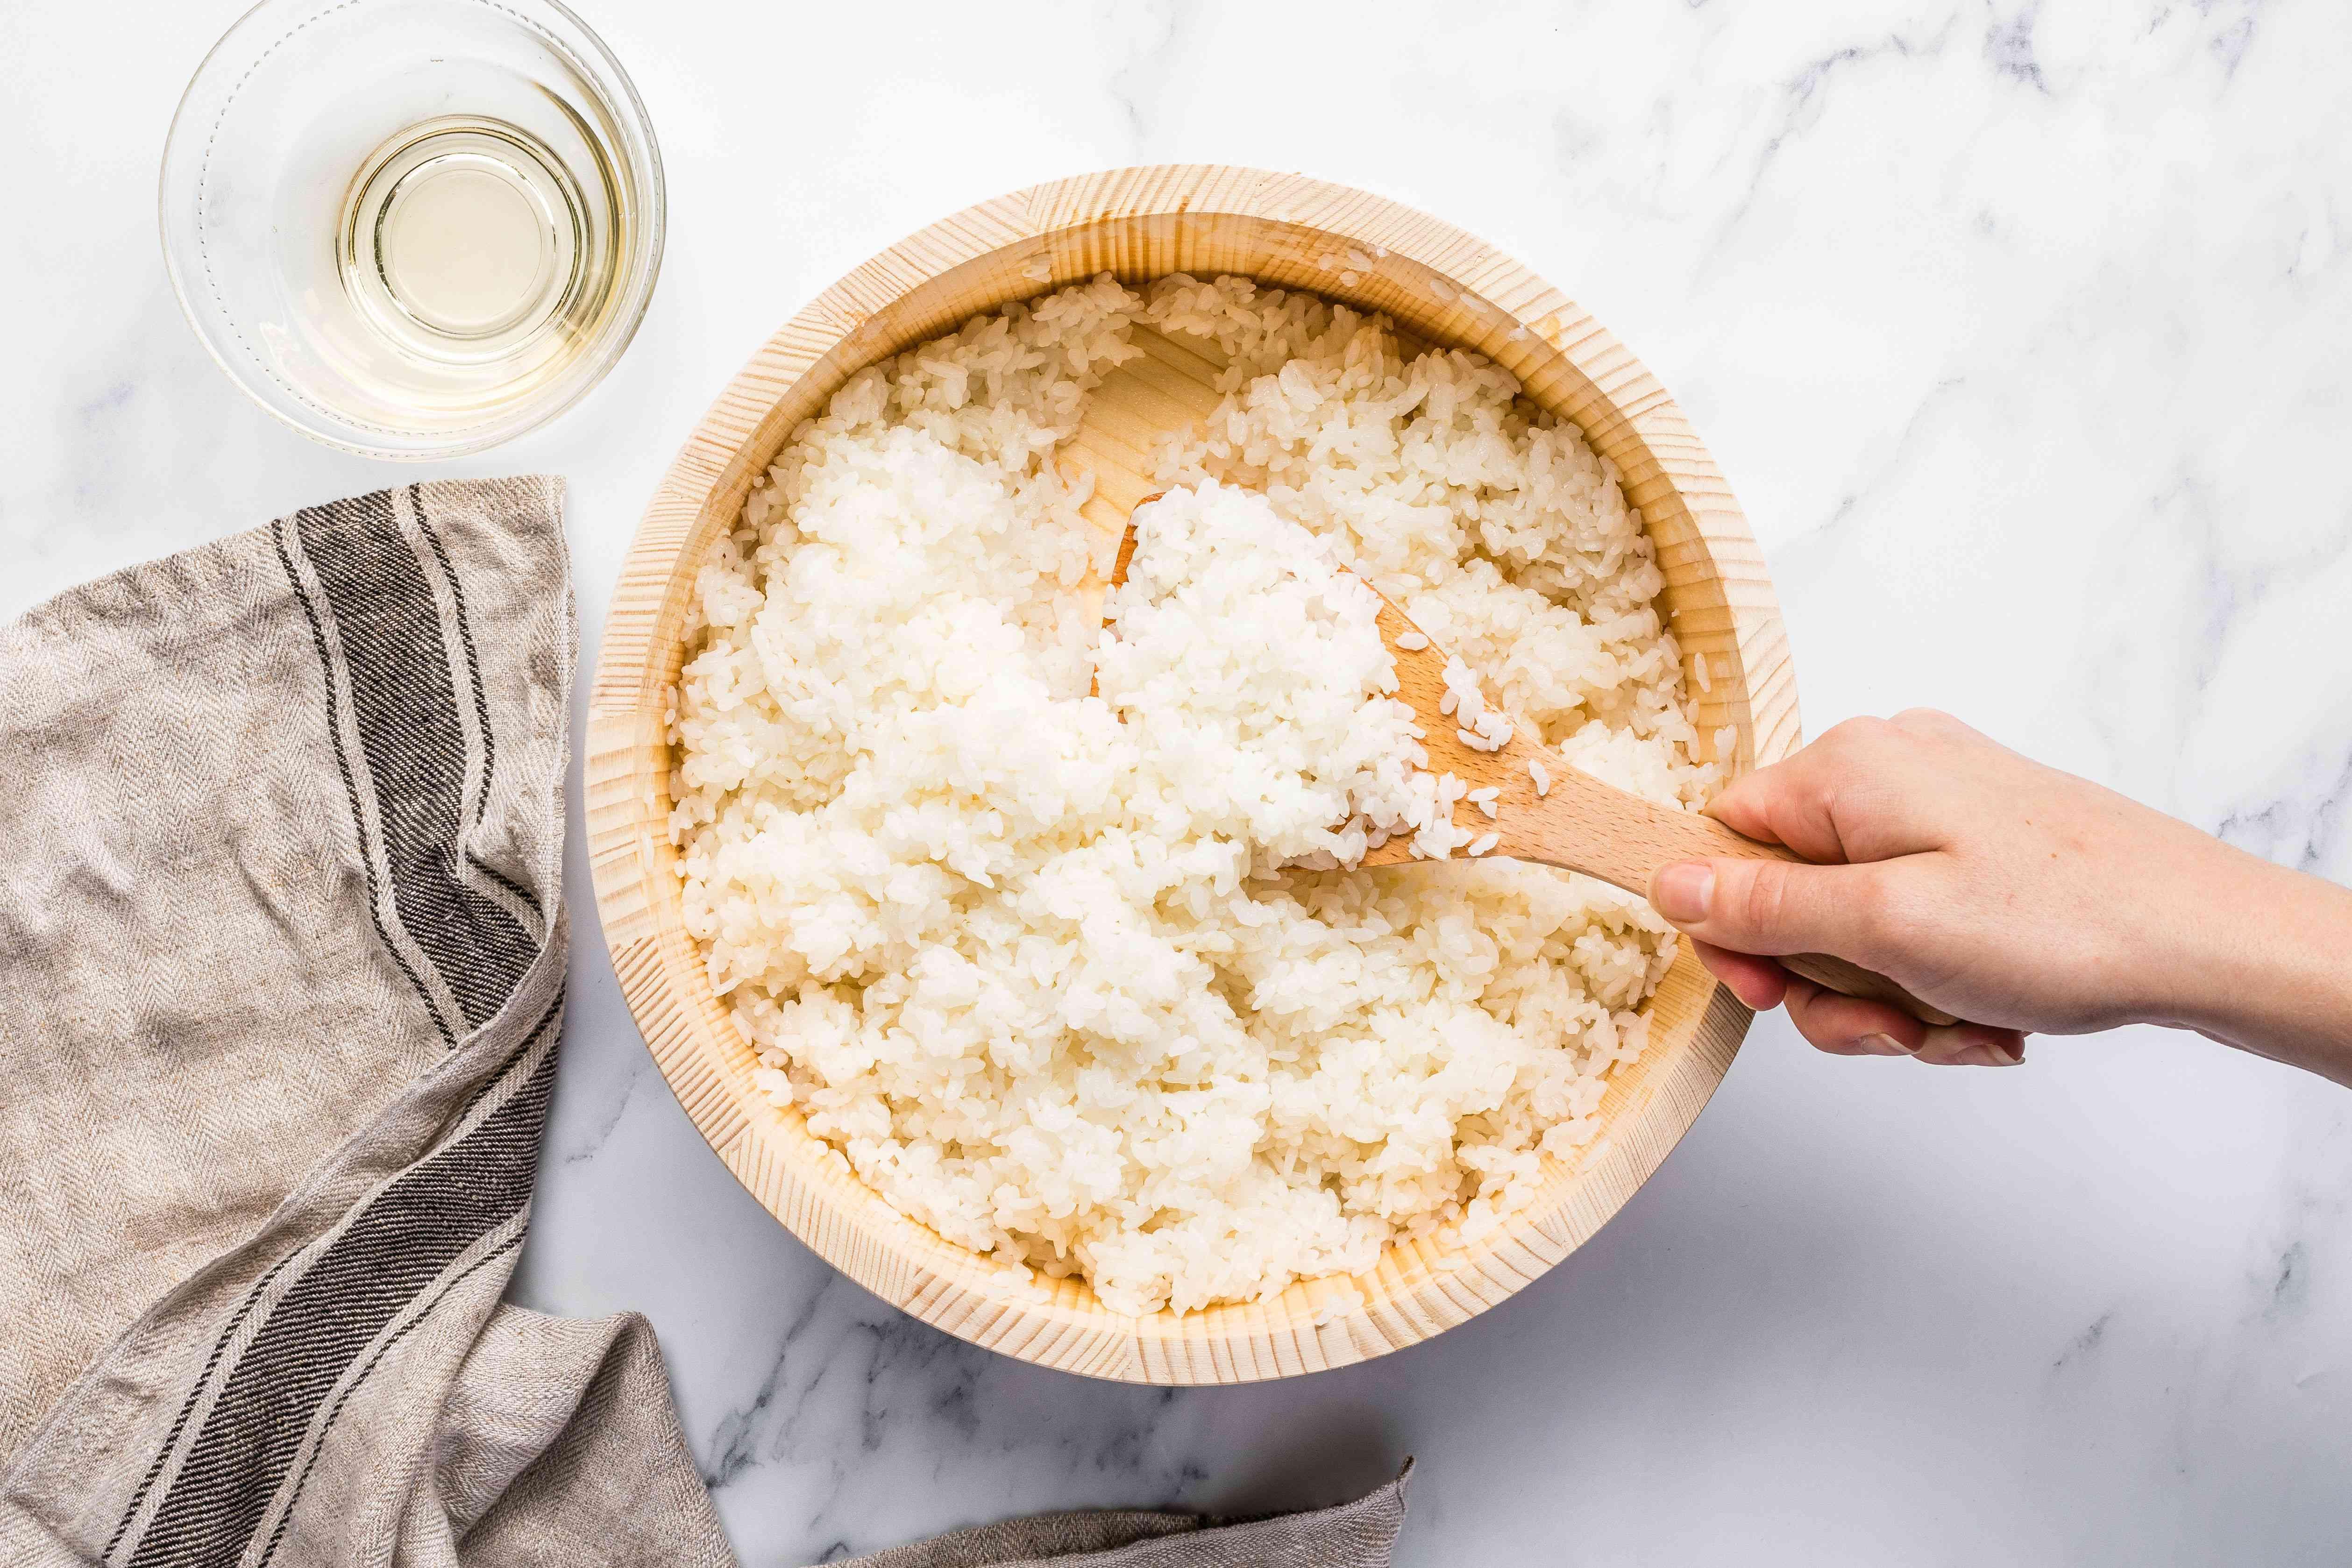 Spoon rice